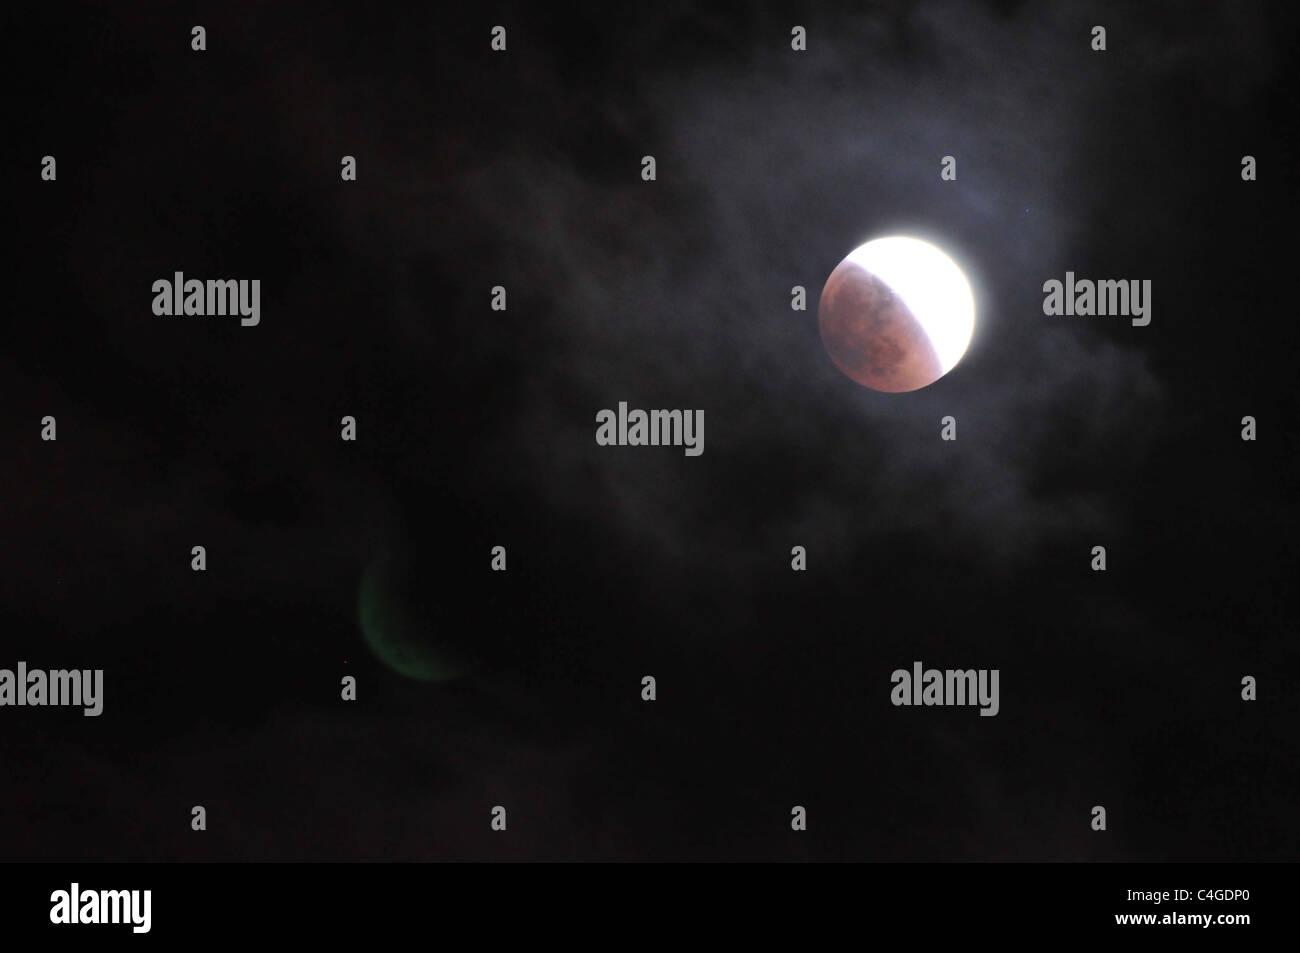 Am 15. Juni 2011 war eine Vollmond-Sonnenfinsternis sichtbar. Fotografiert in Haifa, Israel Stockbild